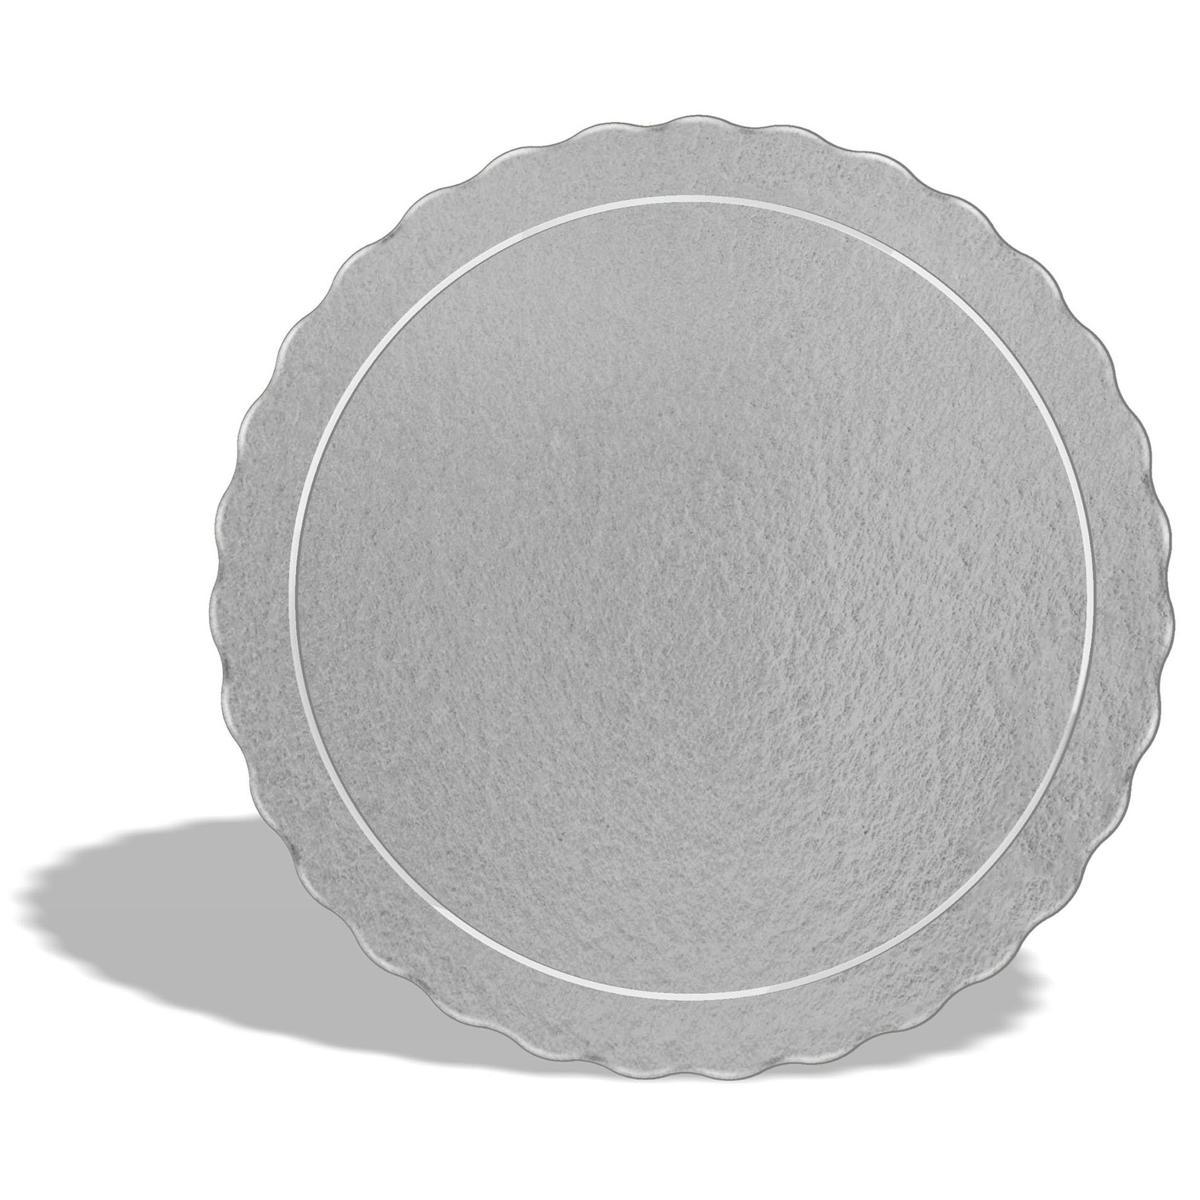 100 Bases Laminadas Para Bolo Redondo, Cake Board 32cm - Prata